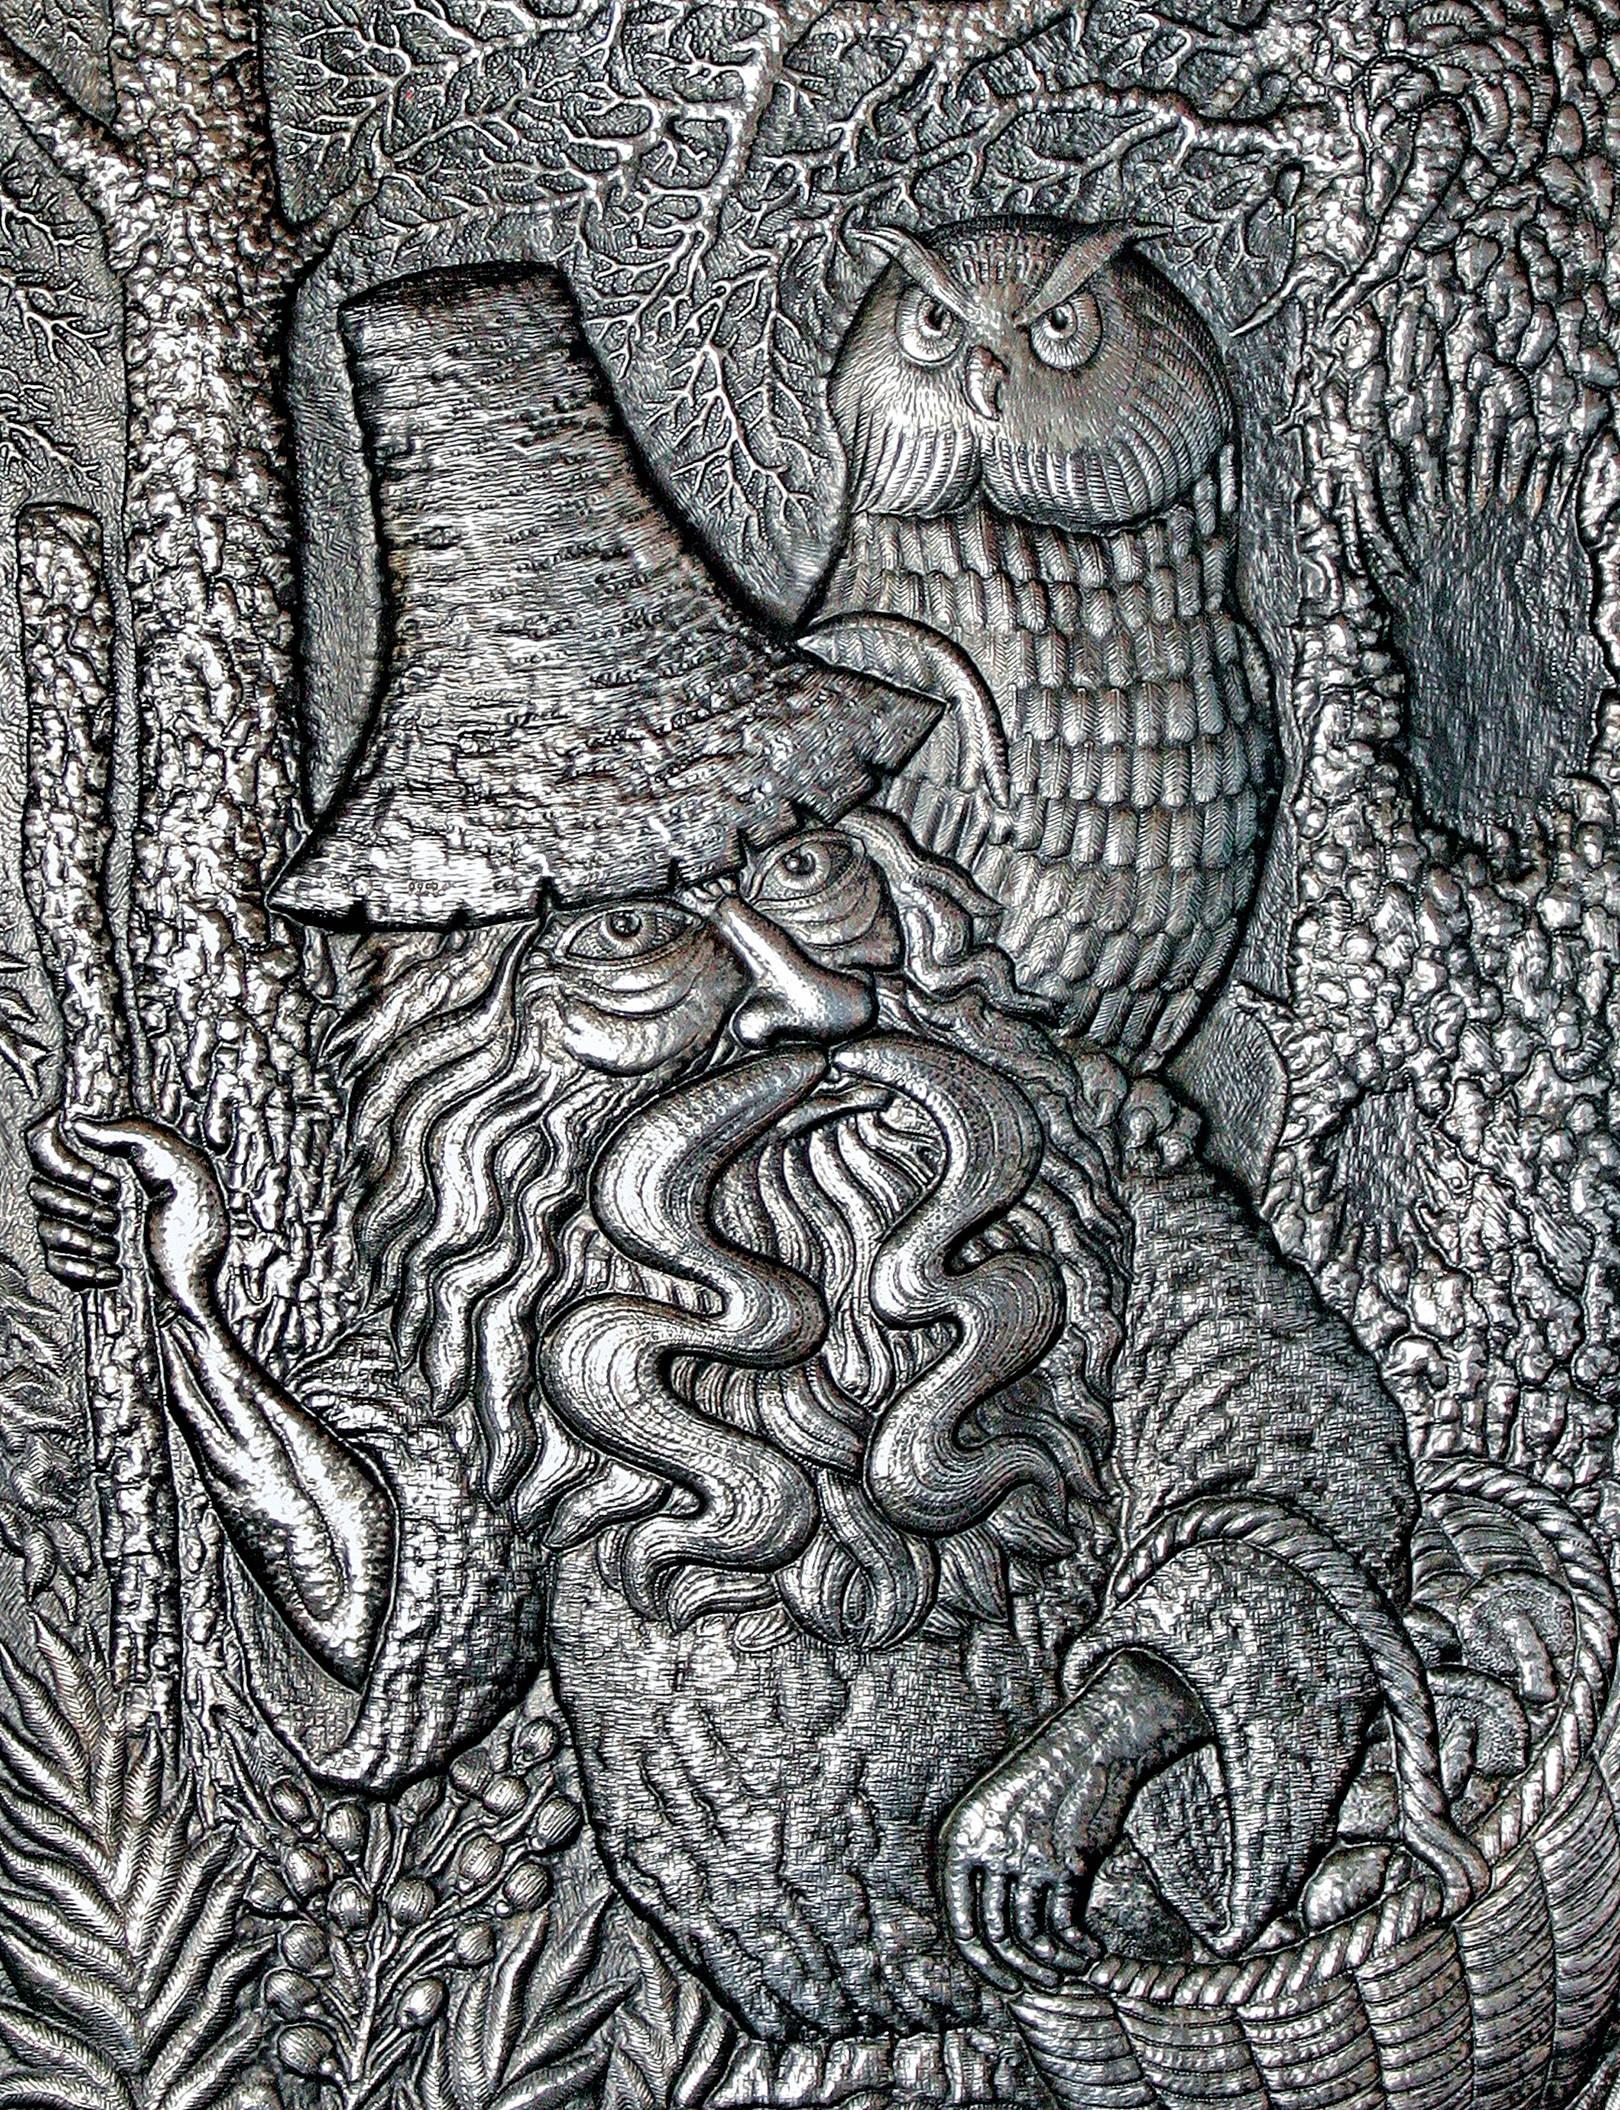 Старичок-Лесовичок (фрагмент панно) 2007 г. Алюминий, медь; чернение 103 х63 см.